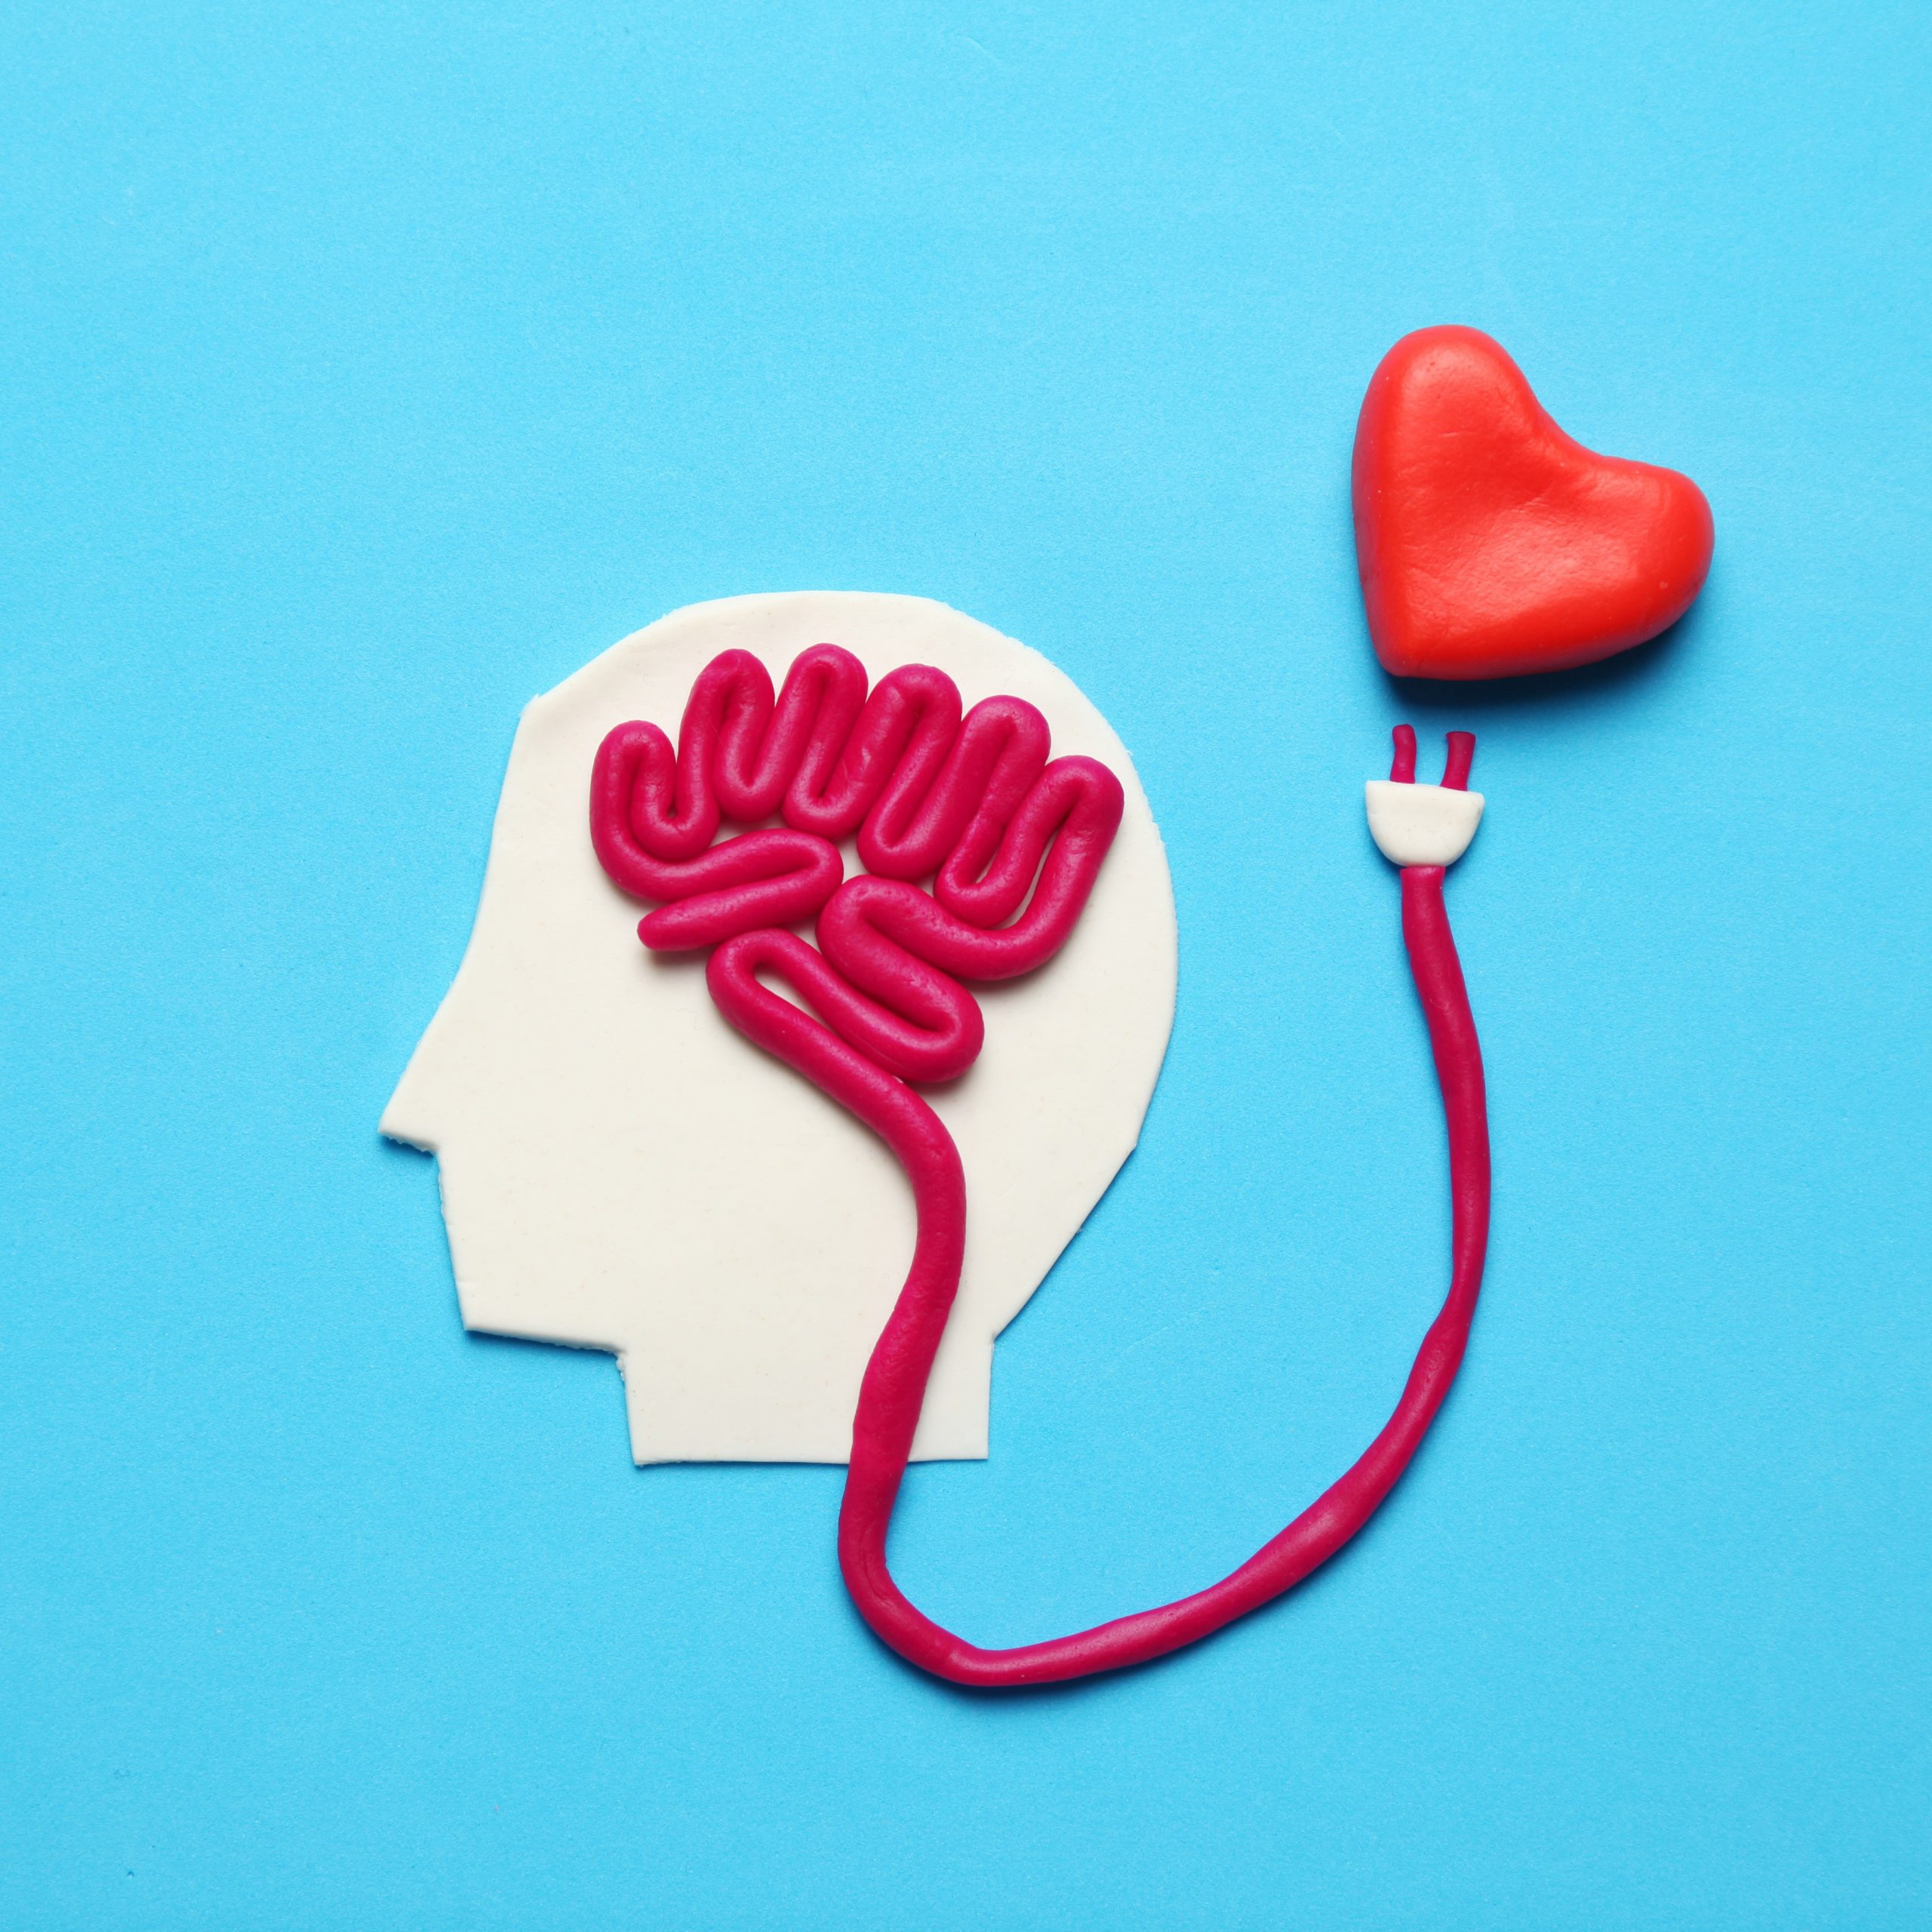 Das Gehirn leidet darunter, wenn das Herz nicht genug Blut pumpt